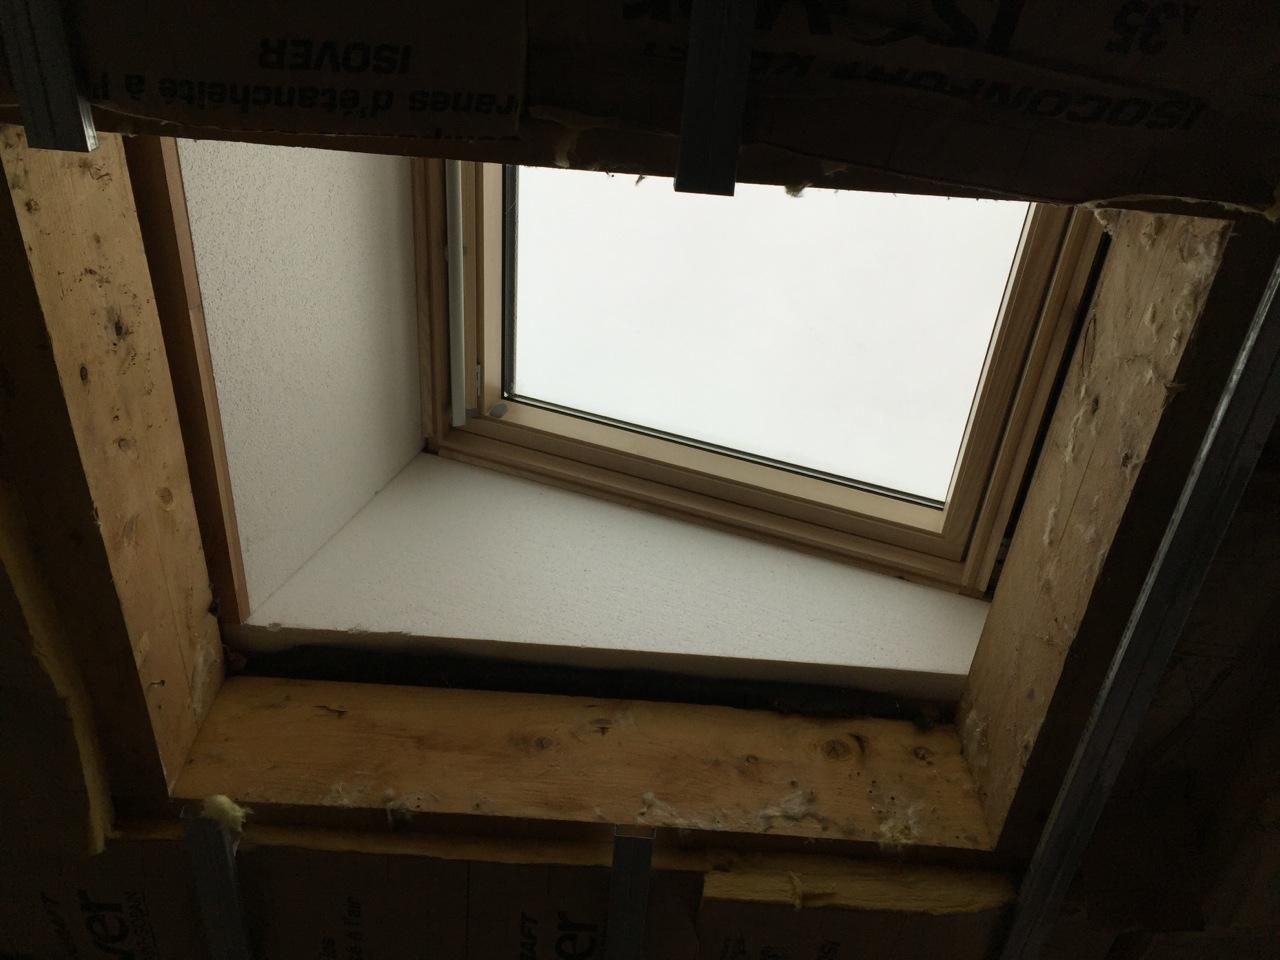 installateur conseil velux pose de fen tres de toit. Black Bedroom Furniture Sets. Home Design Ideas